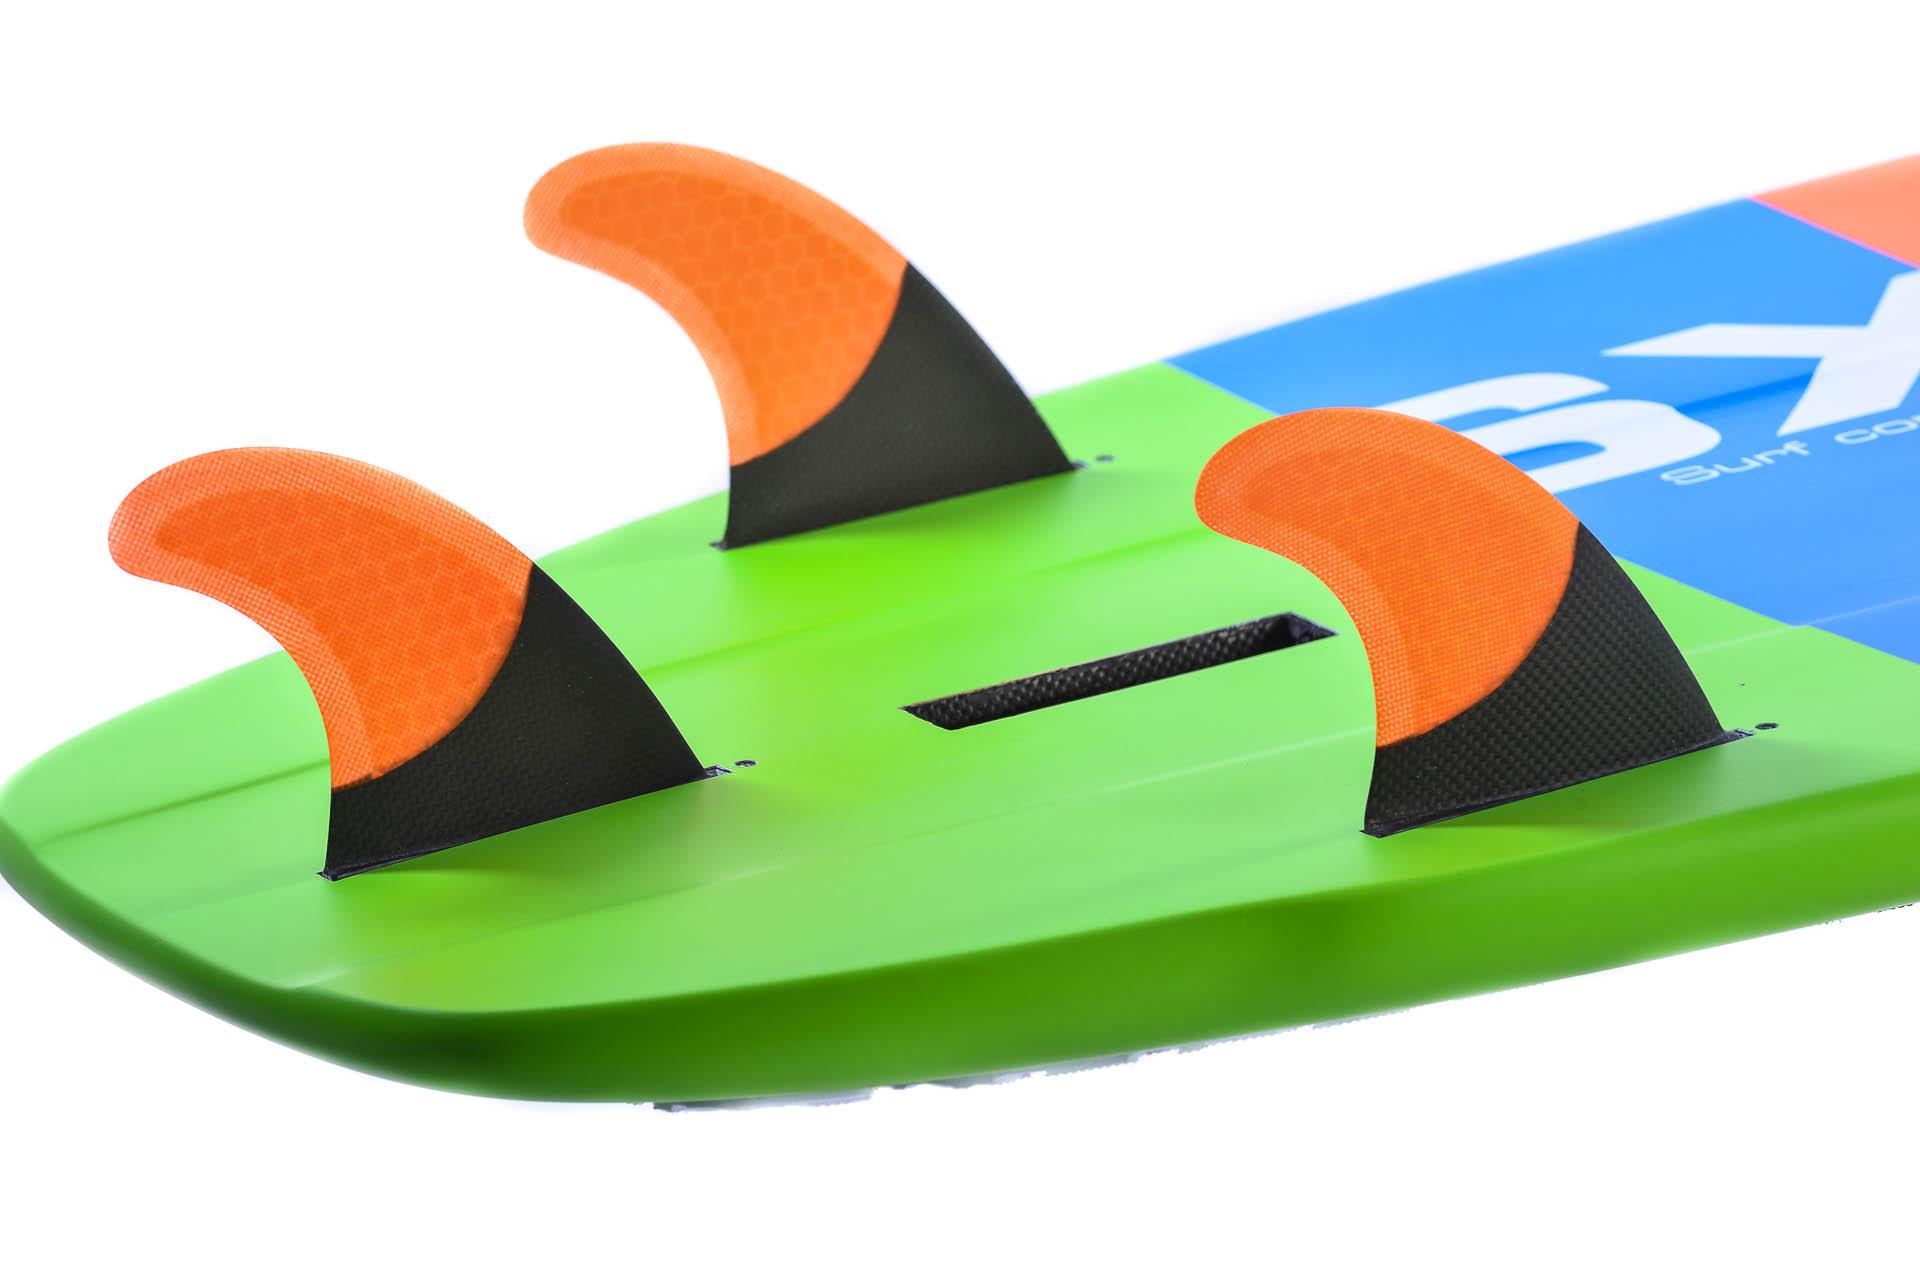 Kitefoil board alpinefoil 8945